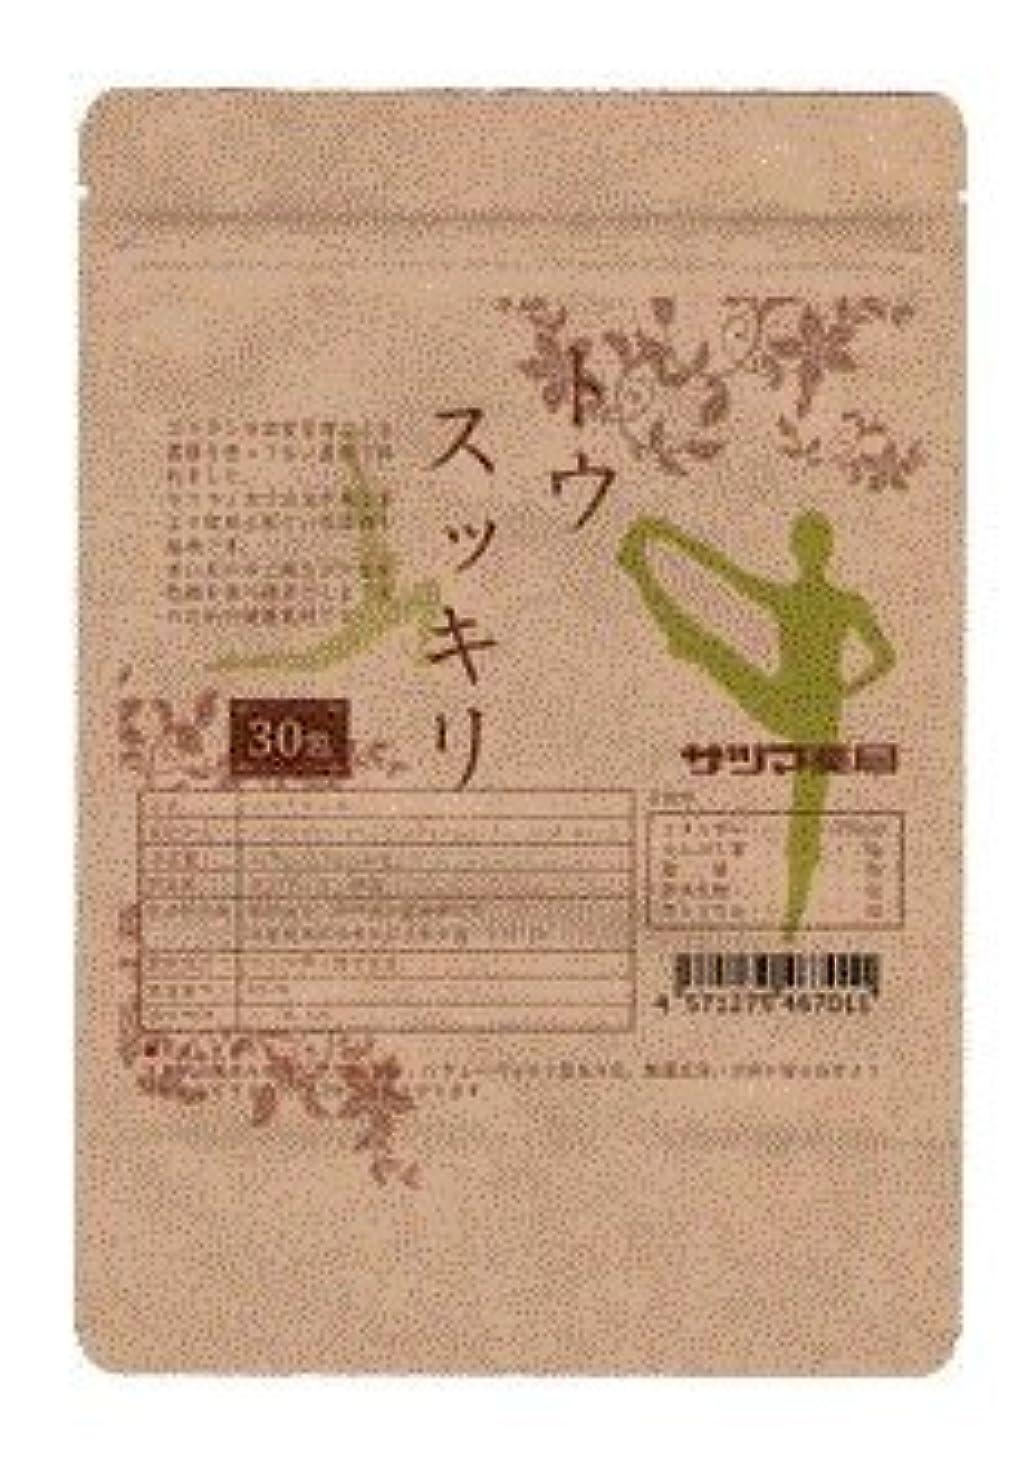 中級嫌いスカルクサツマ薬局 ダイエットティー トウスッキリ茶 60包(30包×2) ティーパック 高濃度コタラヒム茶 ほうじ茶